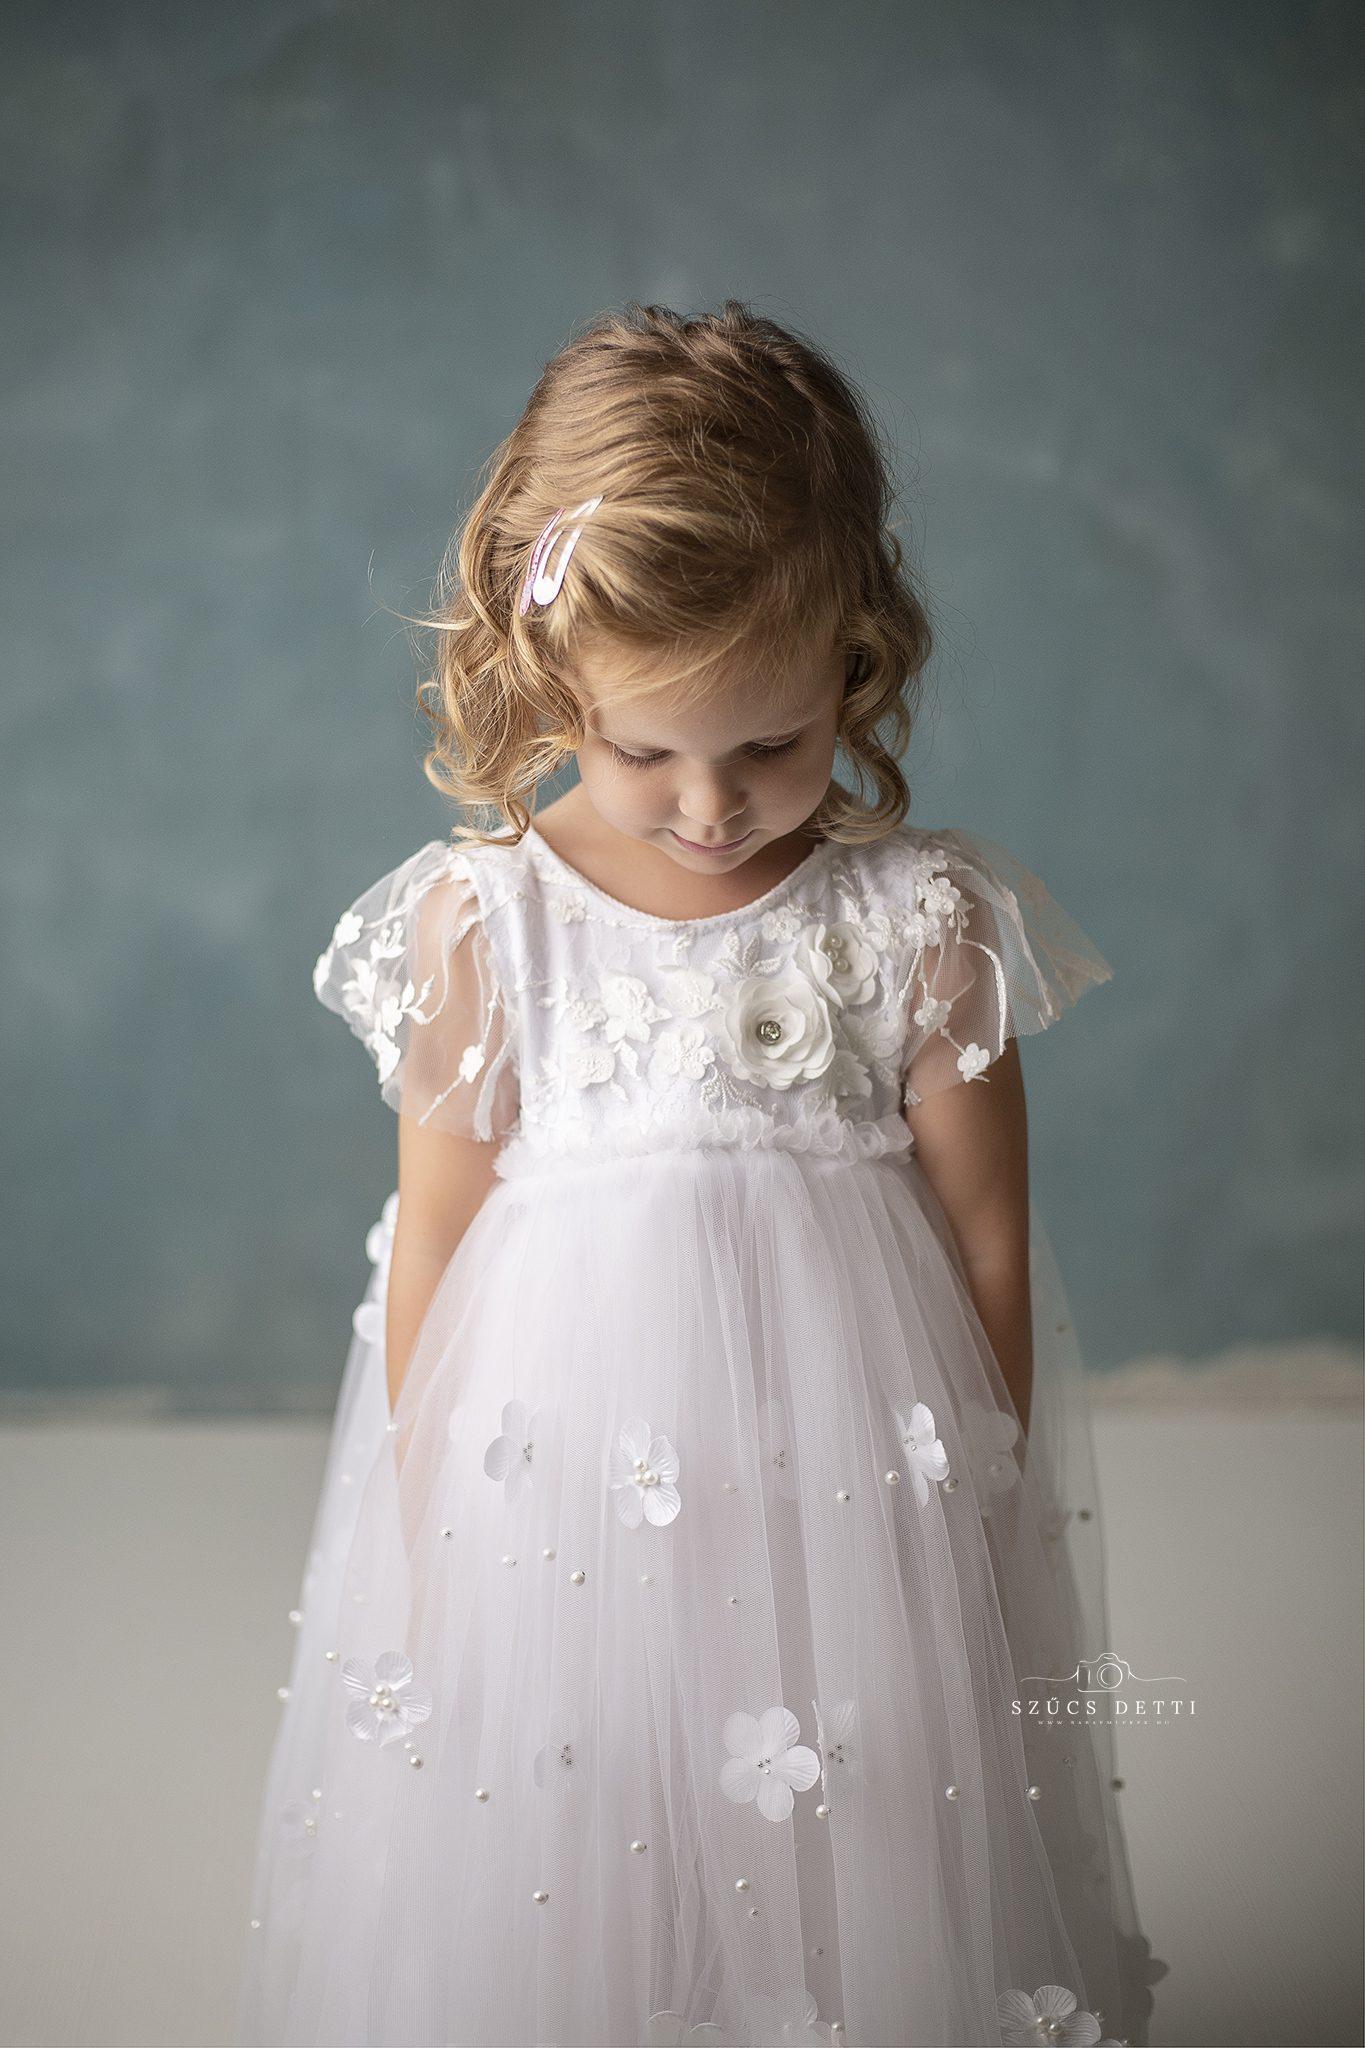 hercegnős gyermekfotózás budapesti gyermekbarát fotóstúdióban